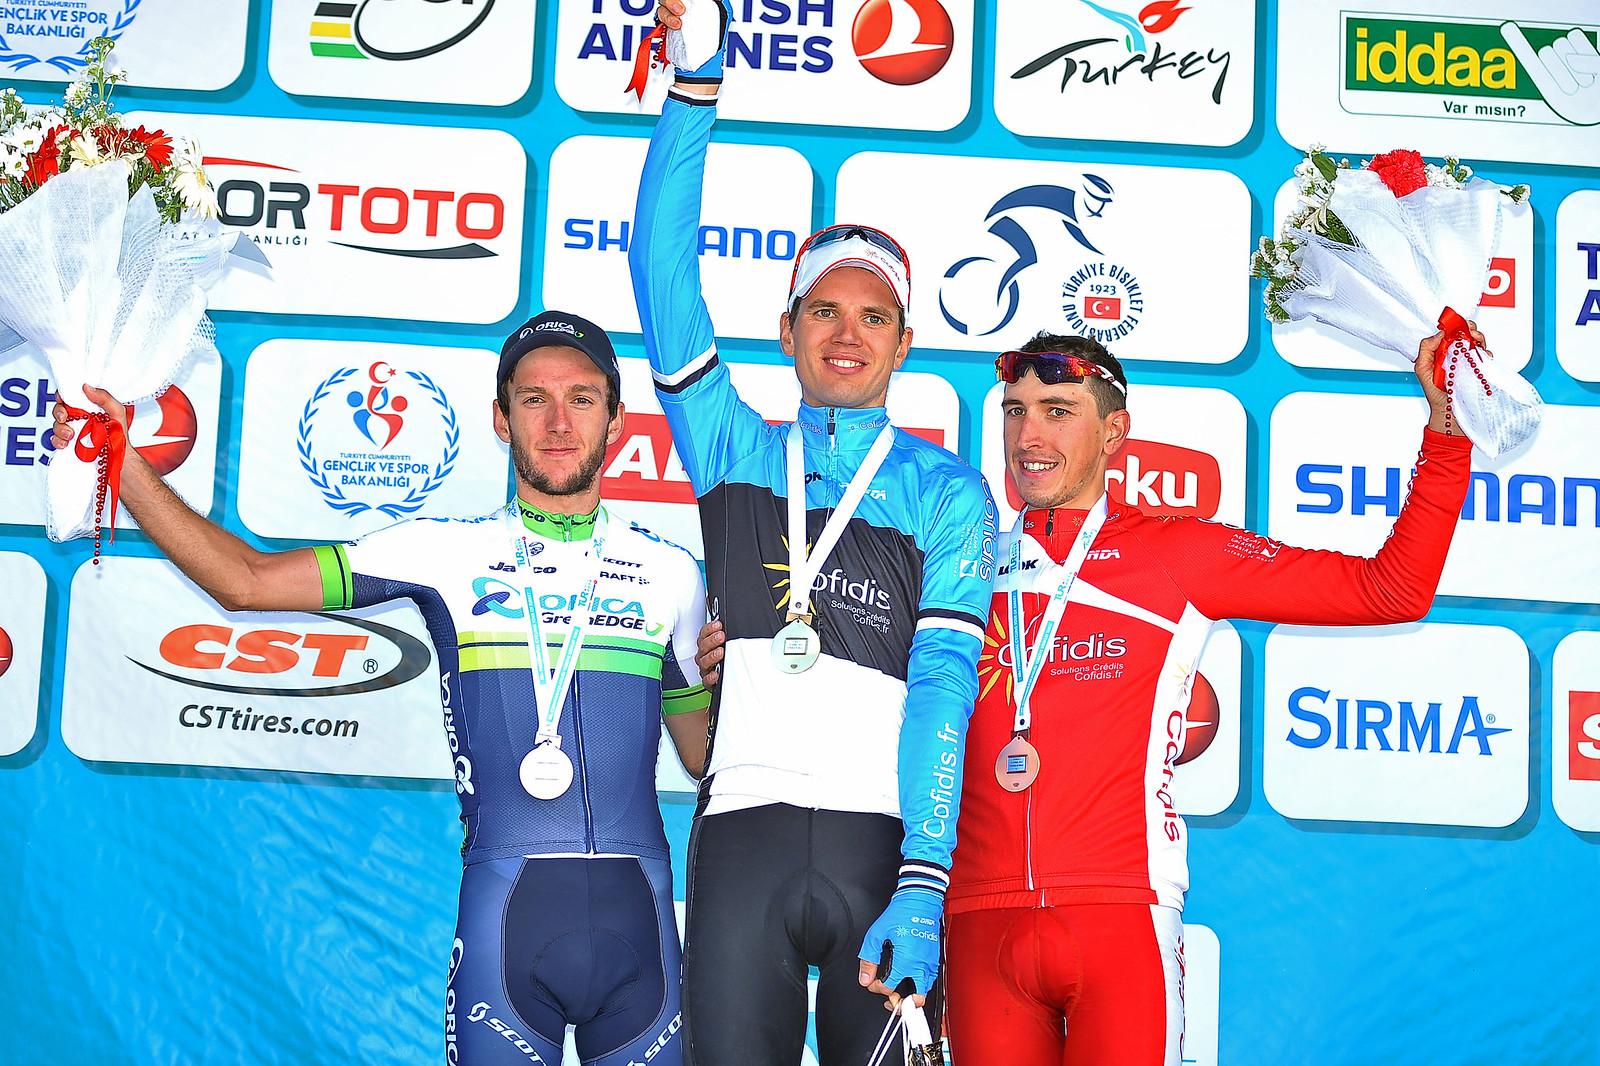 TUR Stage 3 podium